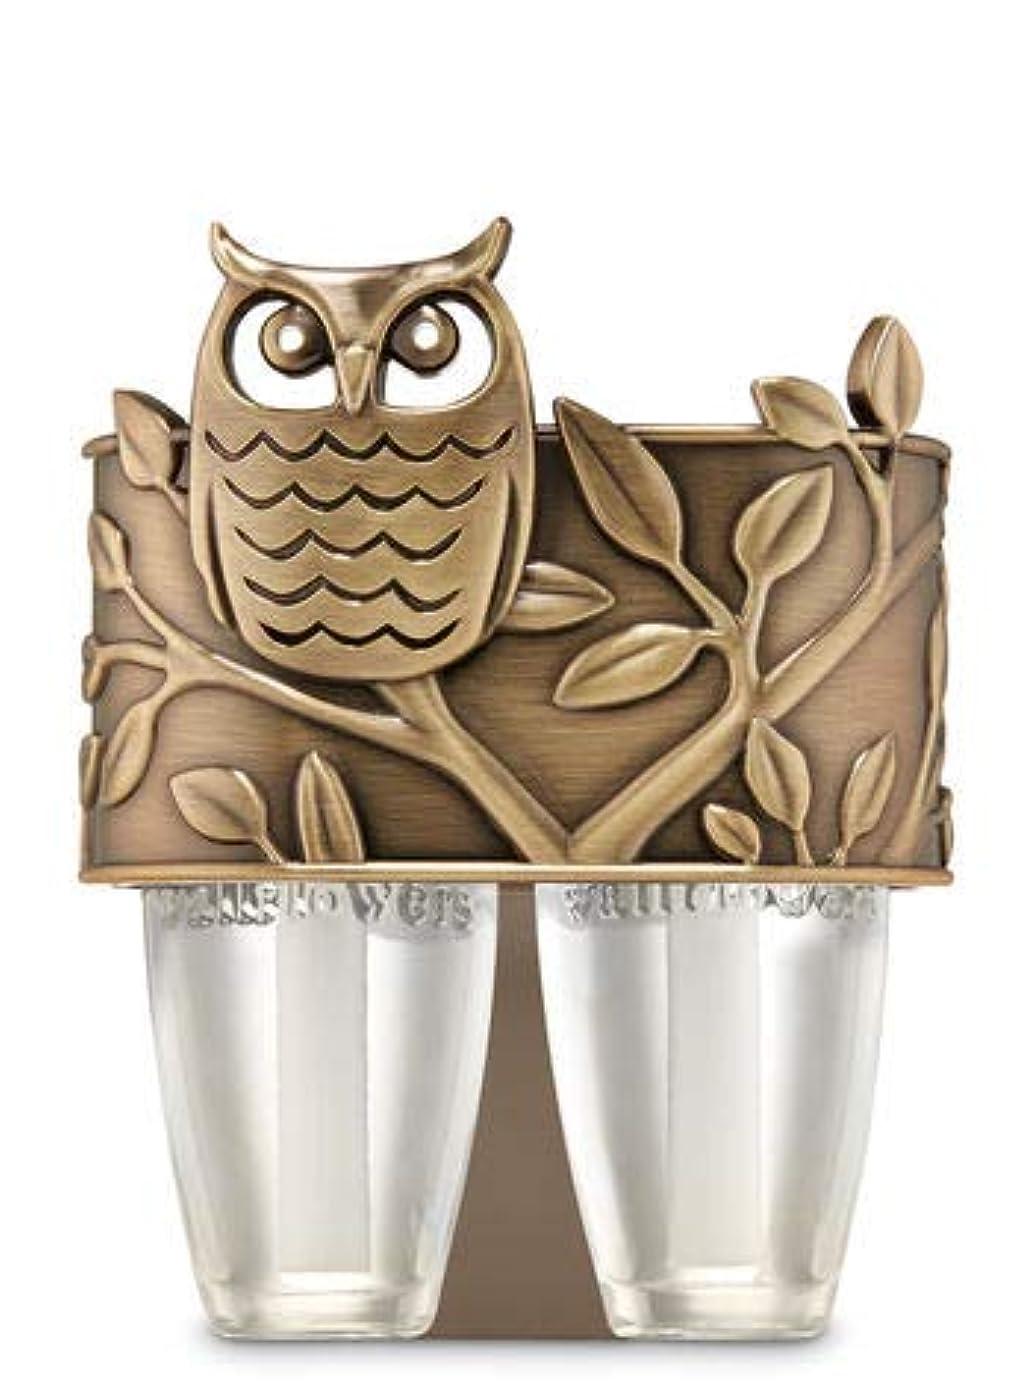 教育学同意する起きろ【Bath&Body Works/バス&ボディワークス】 ルームフレグランス プラグインスターター デュオプラグ (本体のみ) オウル フクロウ Scent Switching Wallflowers Duo Plug Owl [並行輸入品]